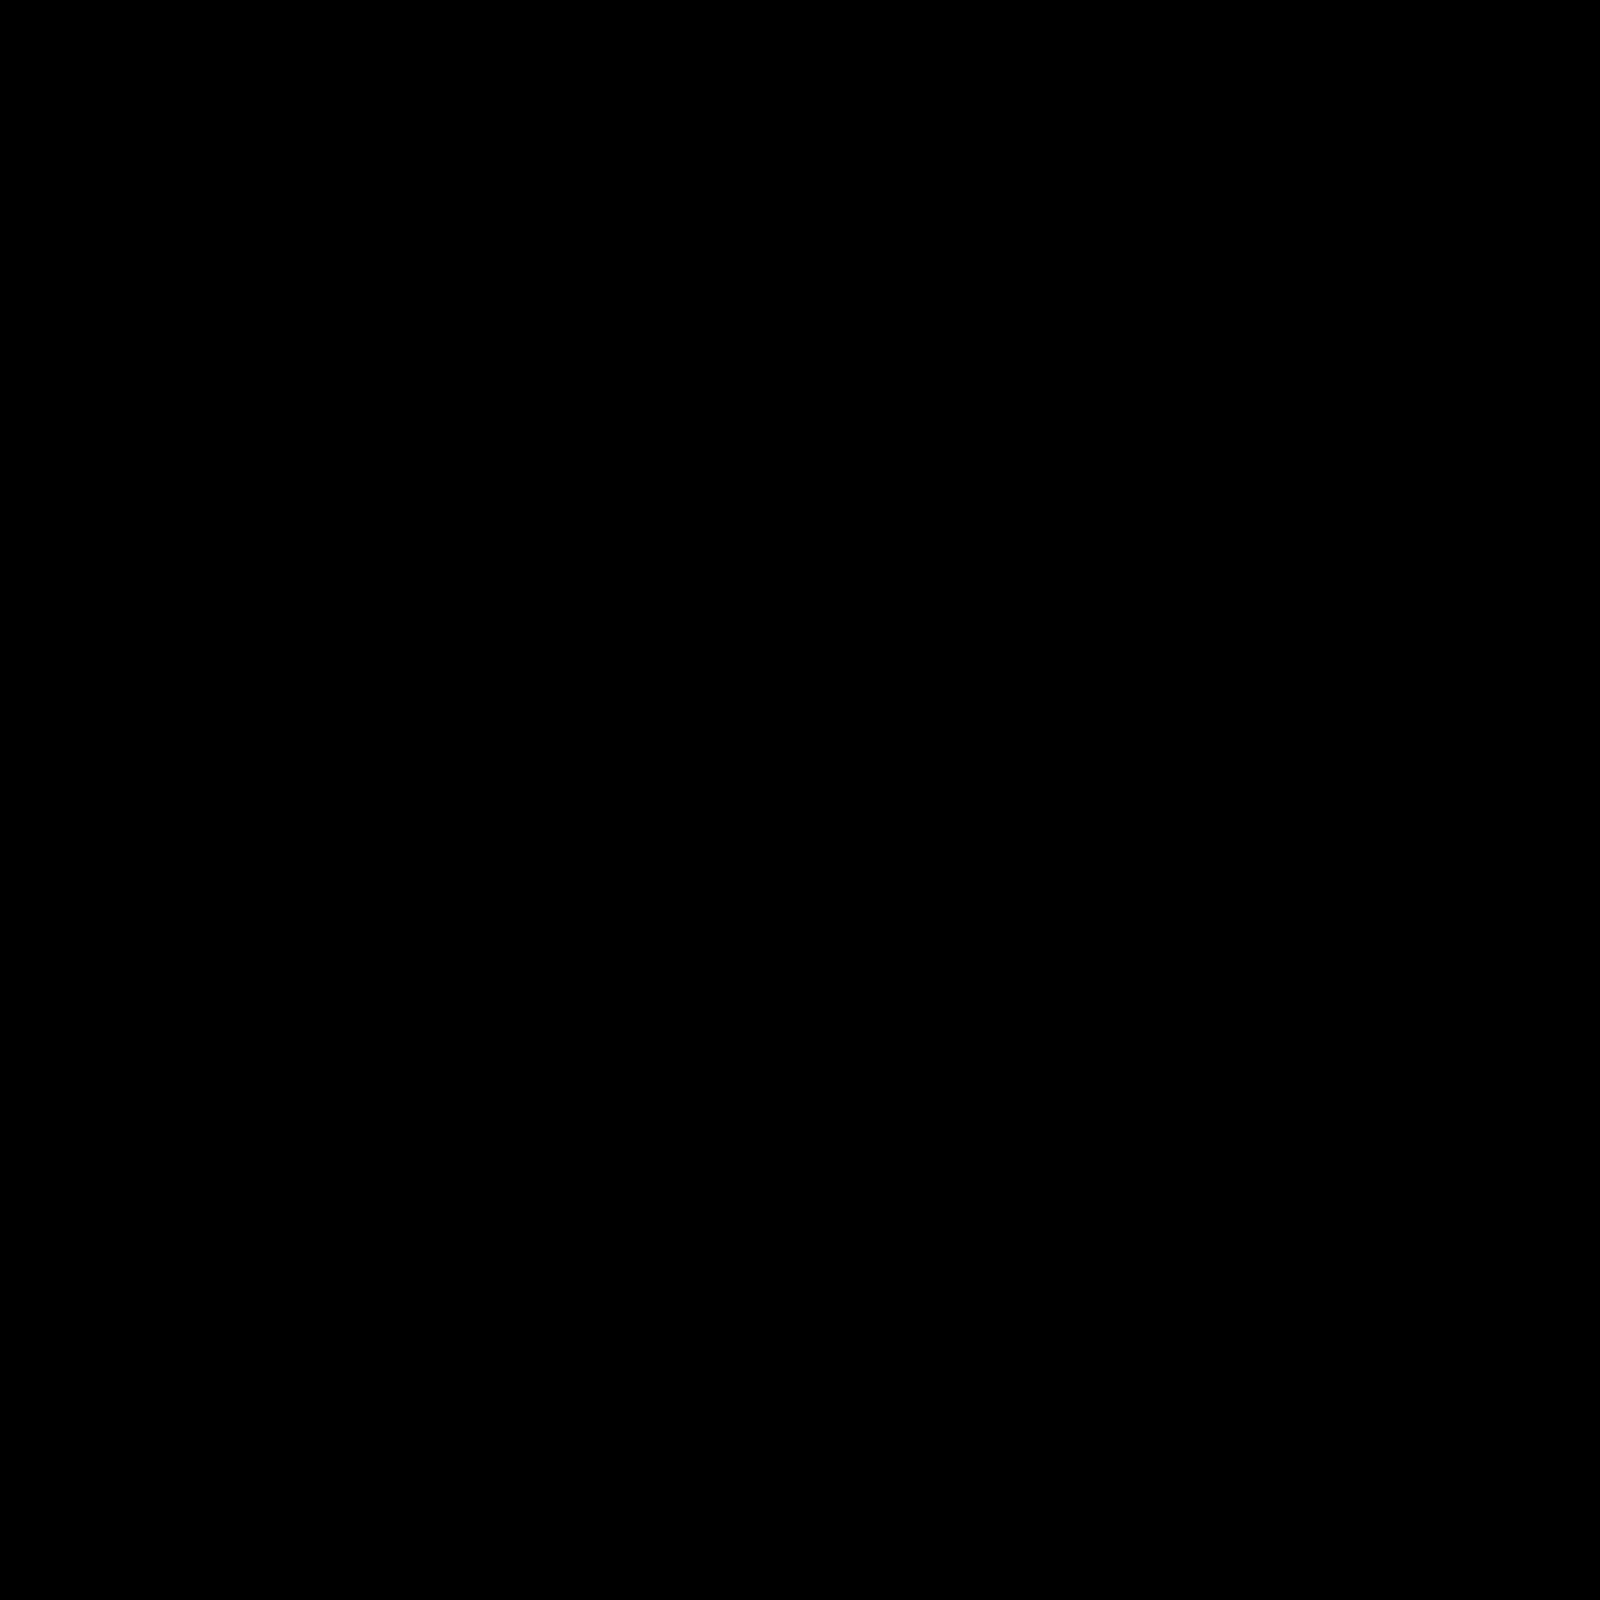 Kugelstoßen icon